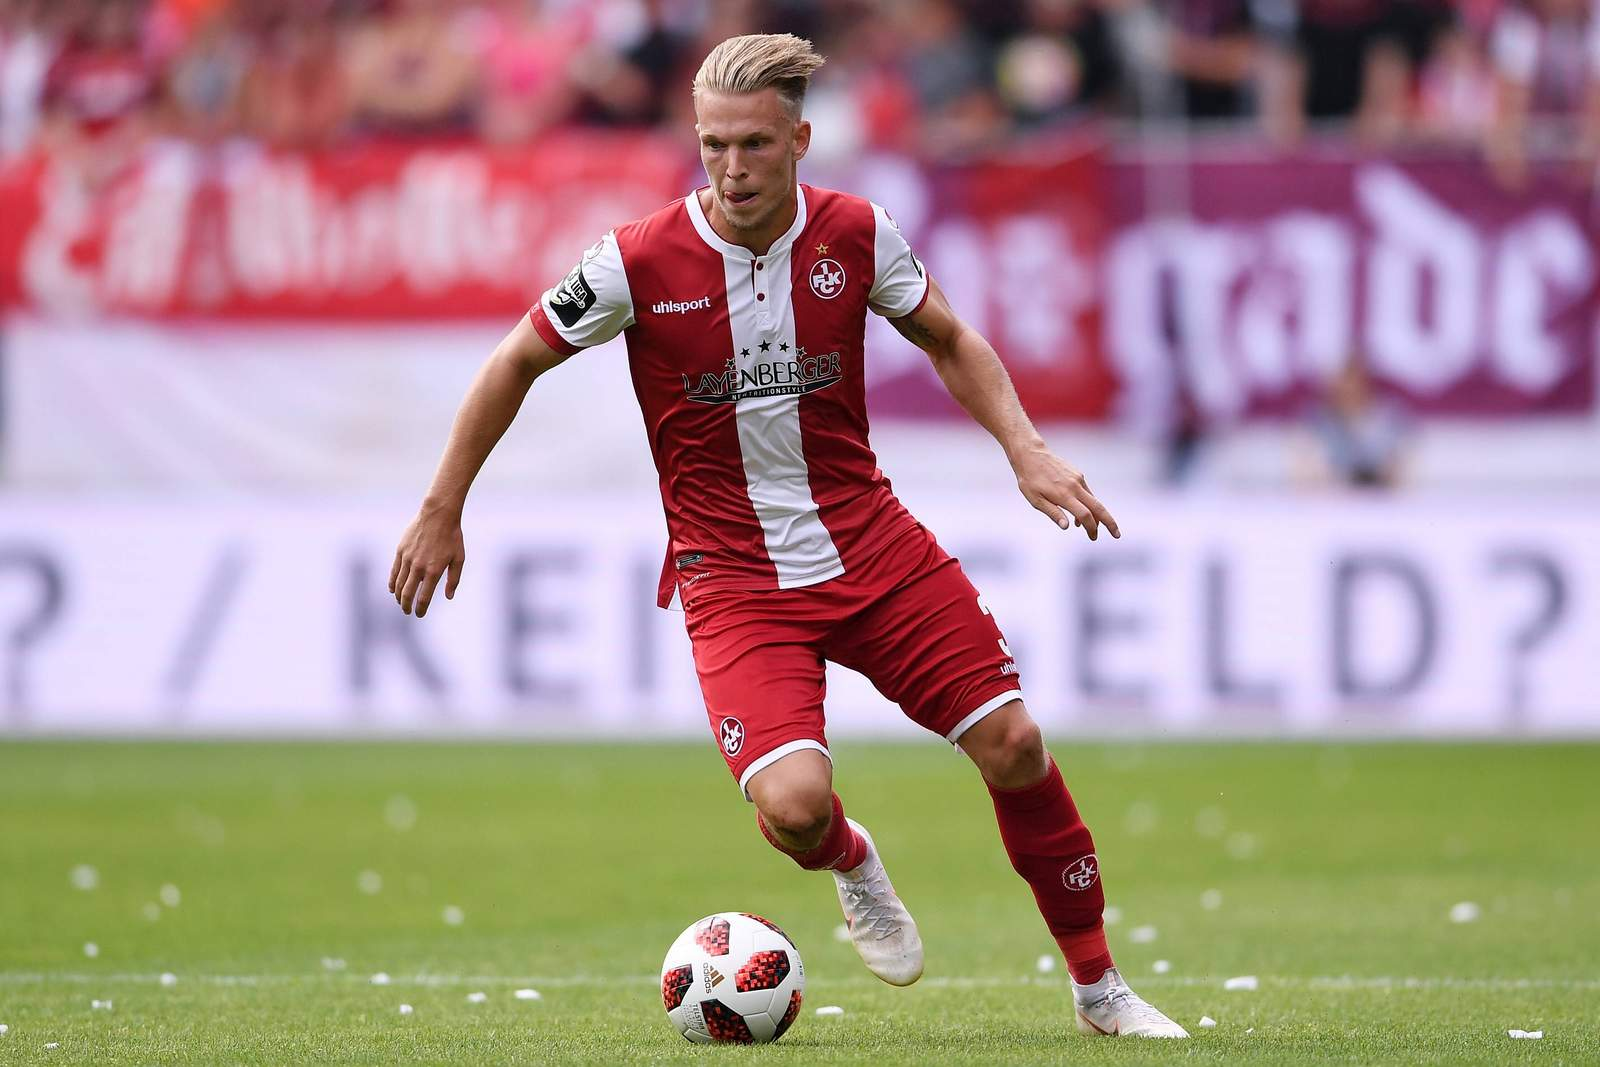 Erzielt Janek Sternberg auch gegen Zwickau ein Tor? Jetzt auf Zwickau gegen Kaiserslautern wetten.